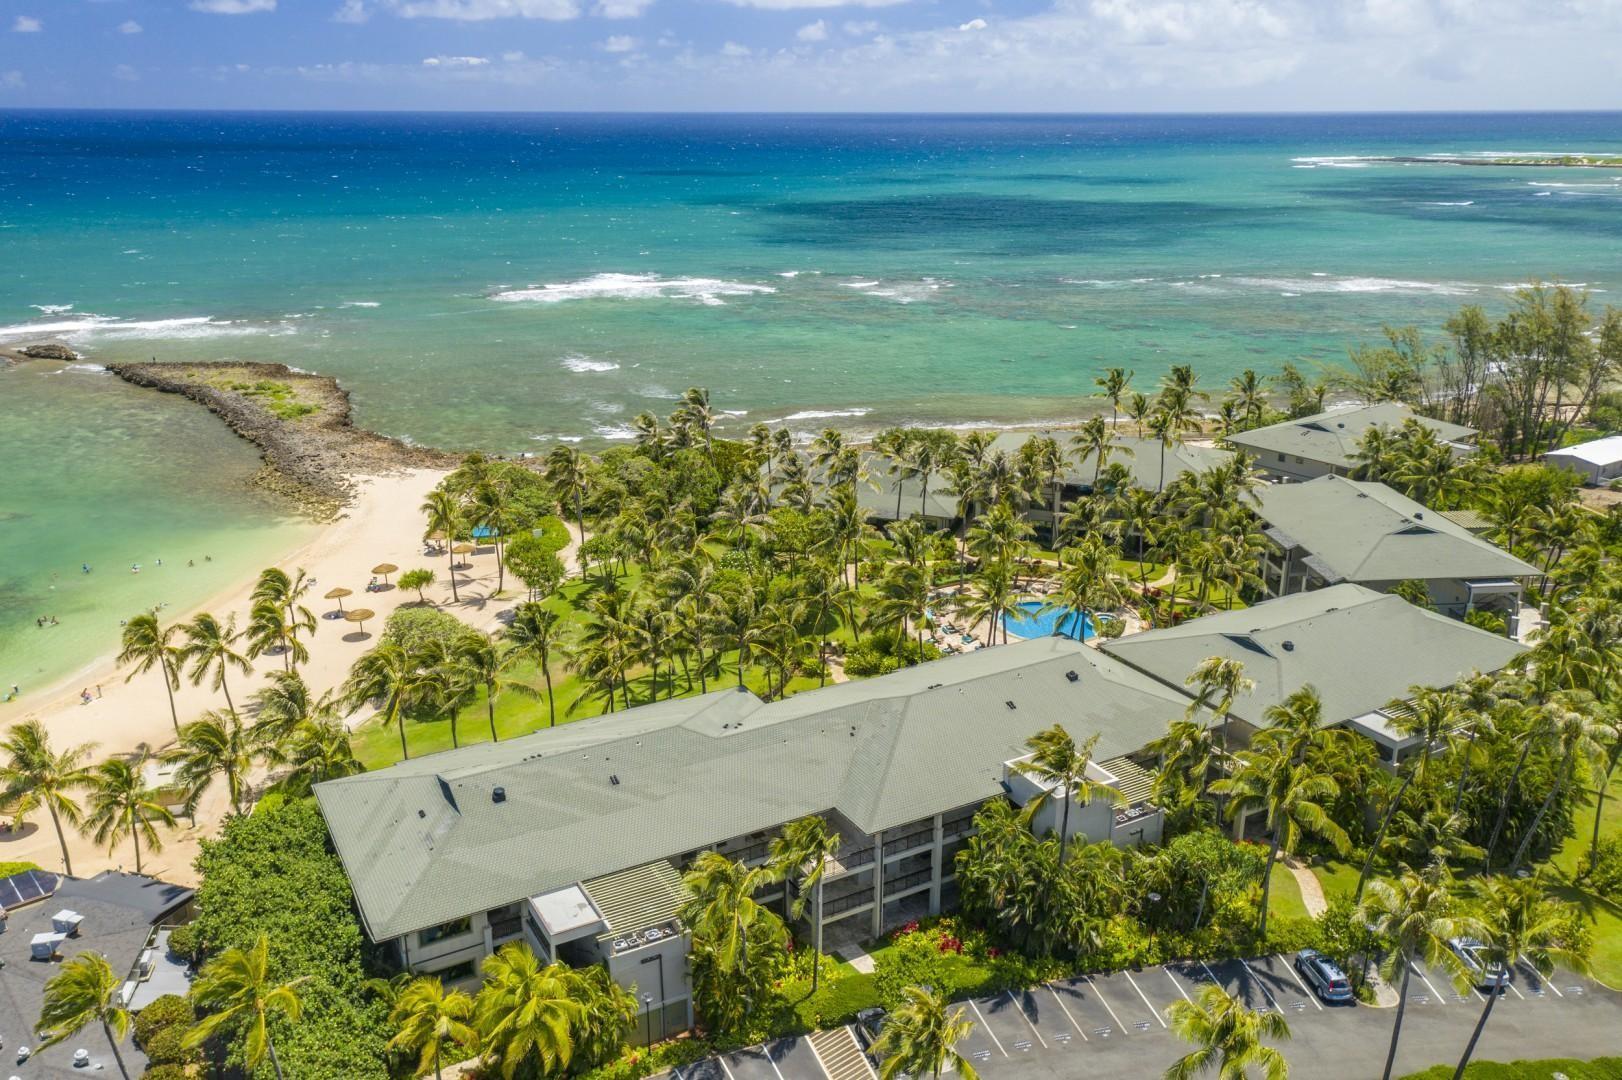 Ocean villa aerial view